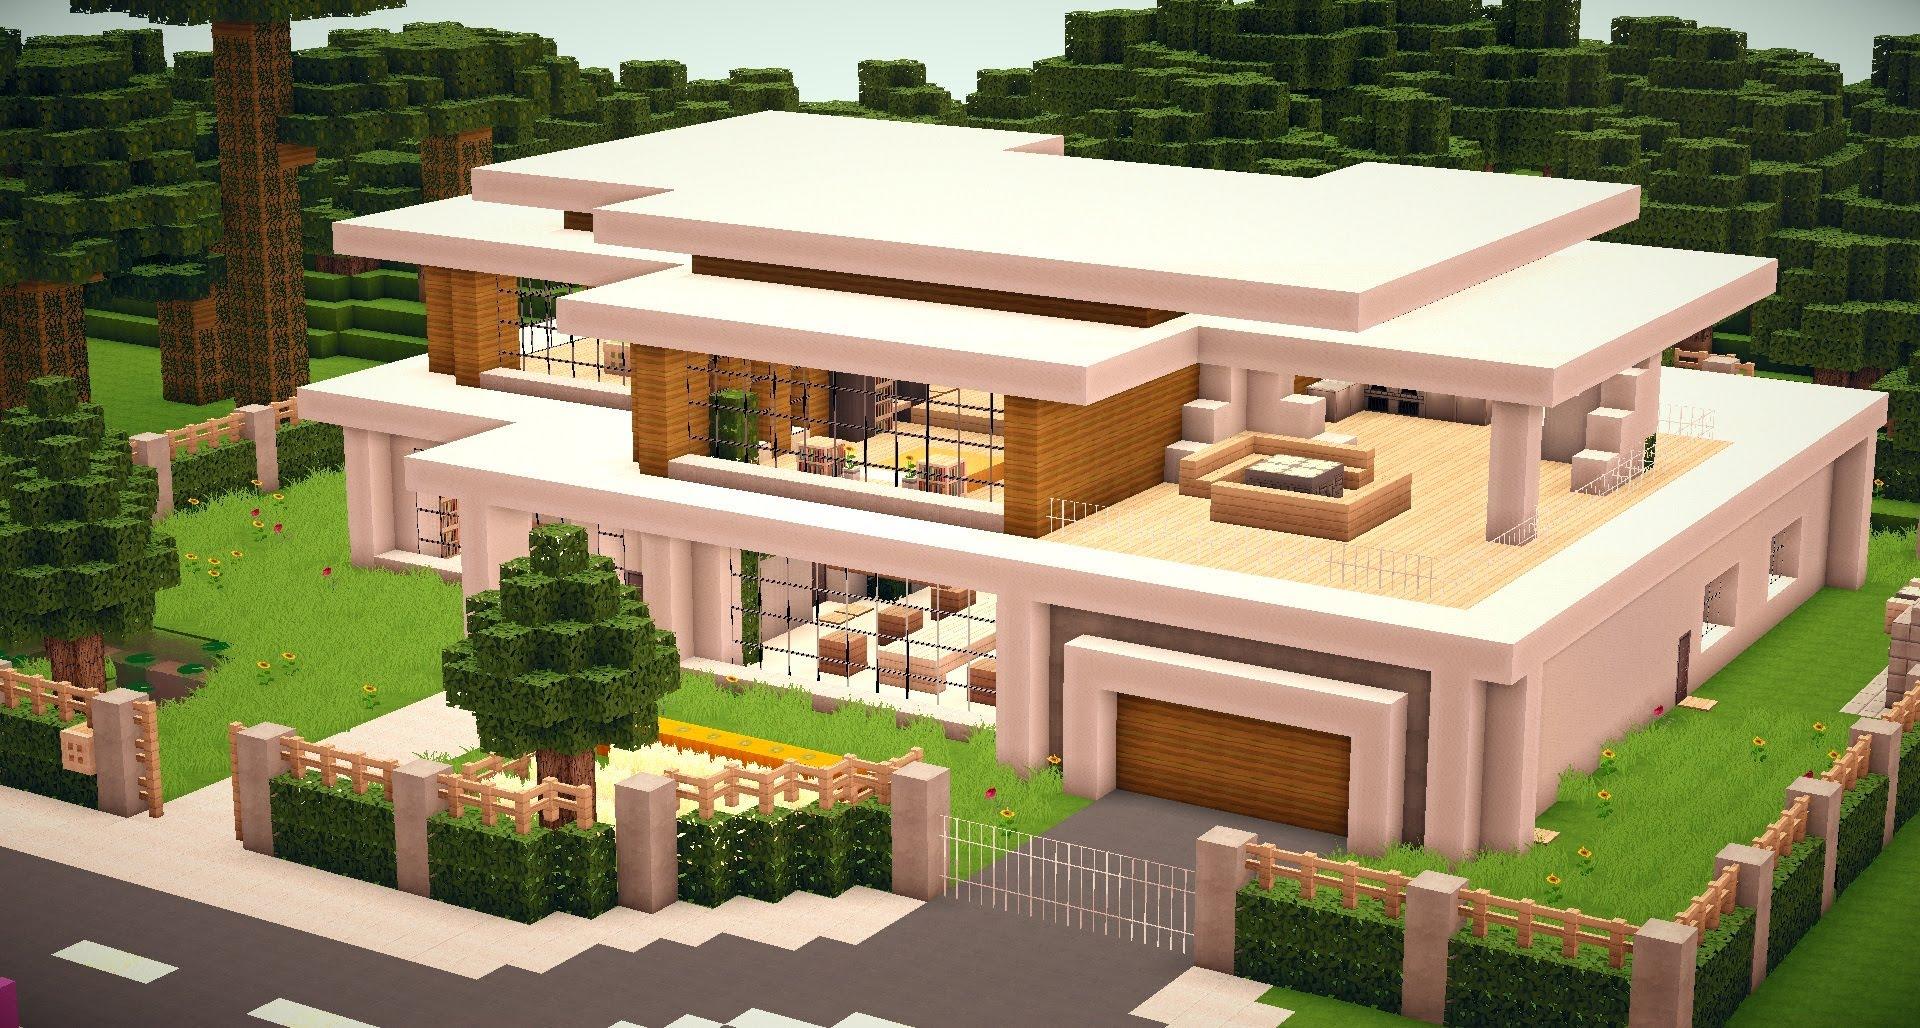 Карта модерн дома для майнкрафт